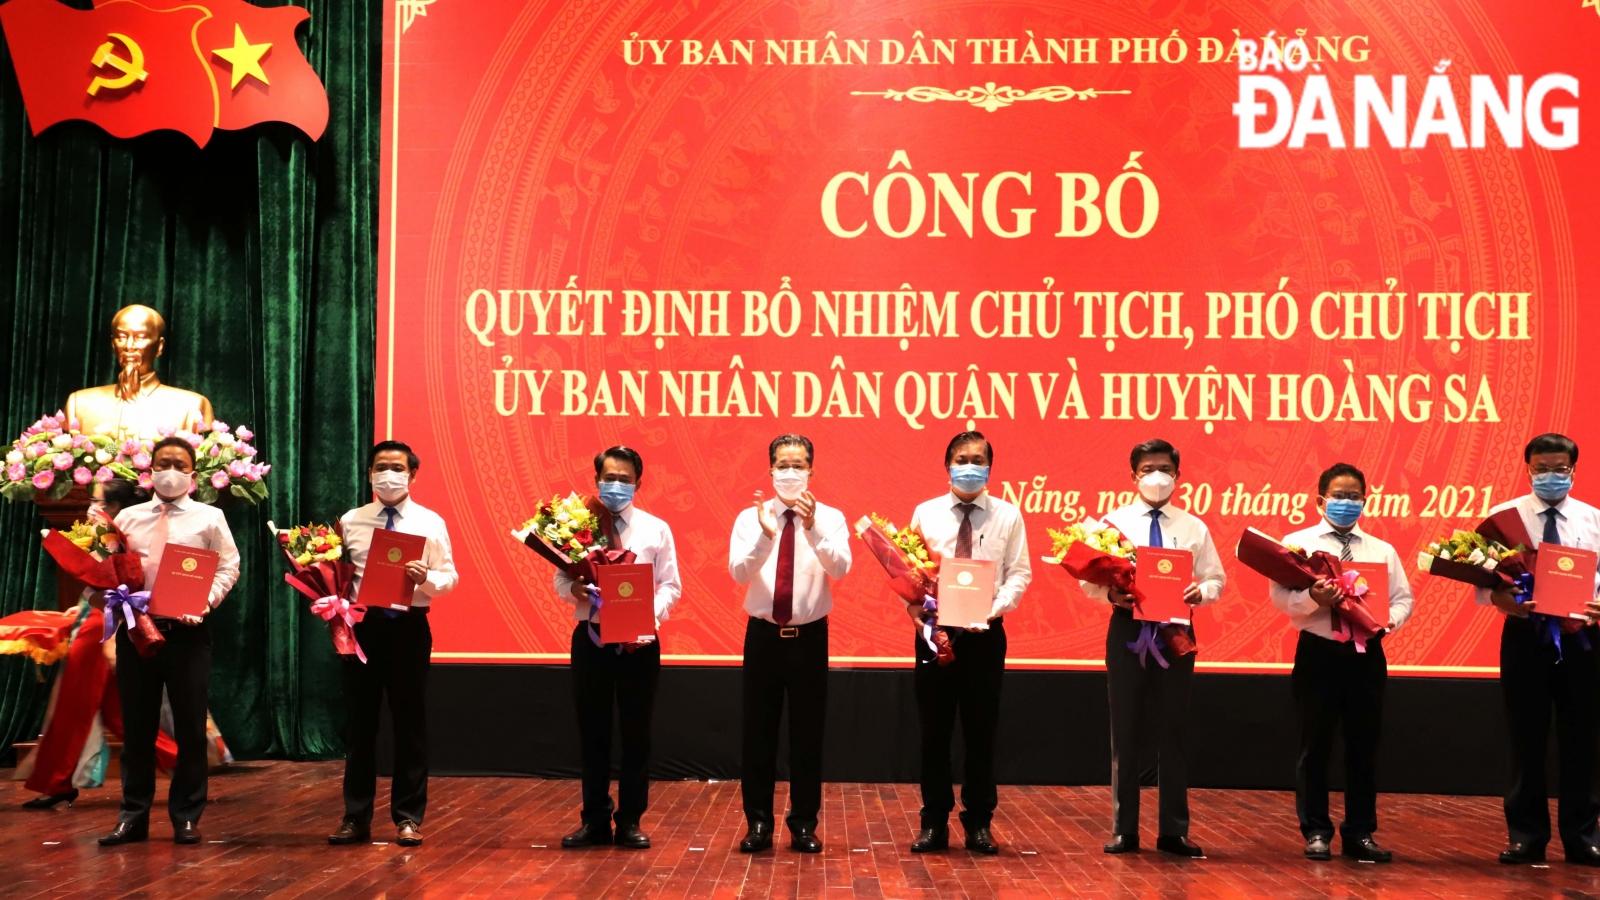 Ông Võ Ngọc Đồng được bổ nhiệm làm Chủ tịch UBND Huyện đảo Hoàng Sa